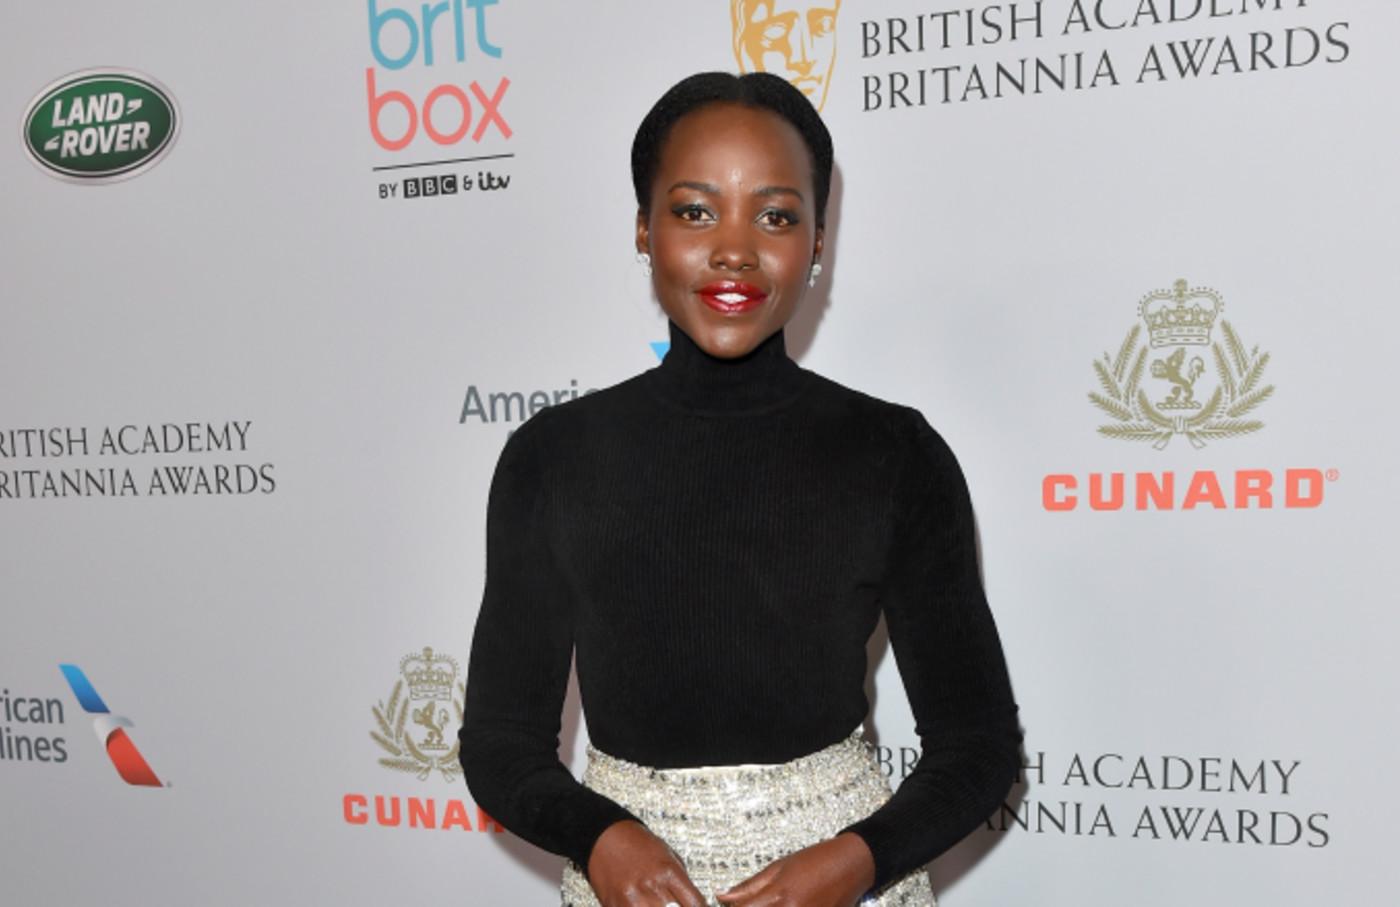 Lupita Nyong'o attends the 2019 British Academy Britannia Awards